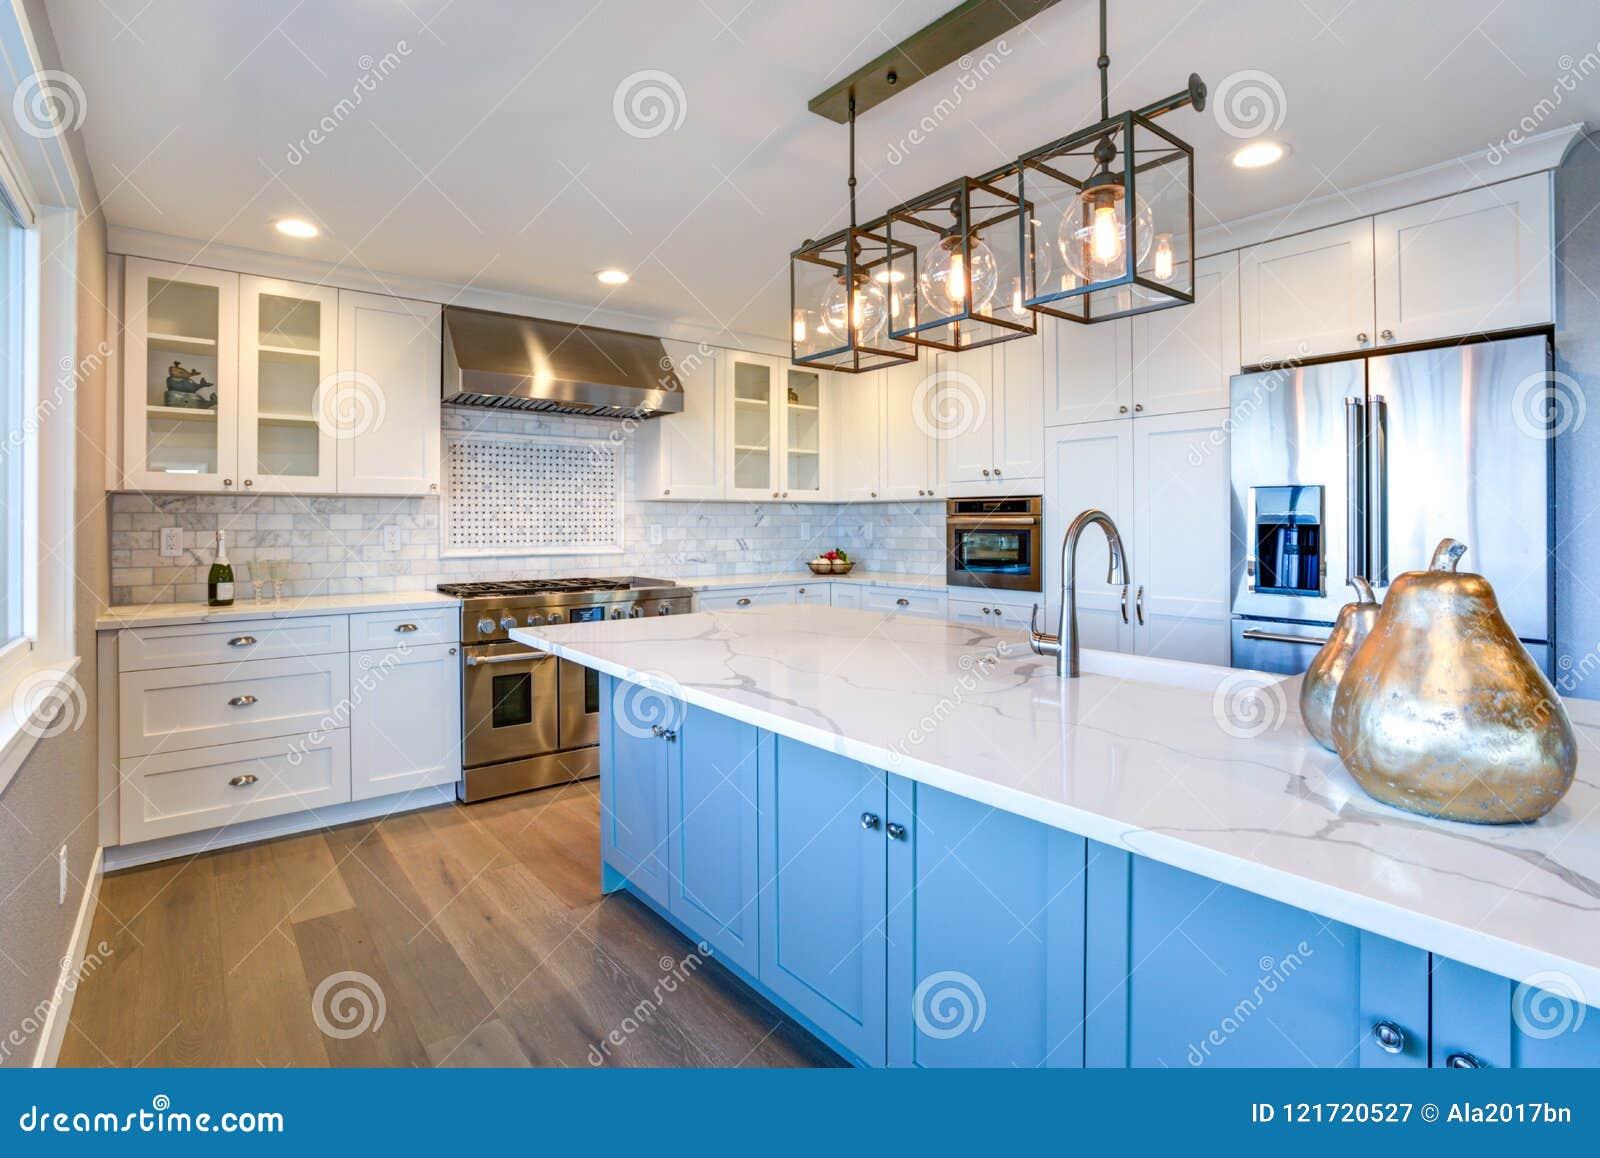 Cozinha branca bonita com grande ilha